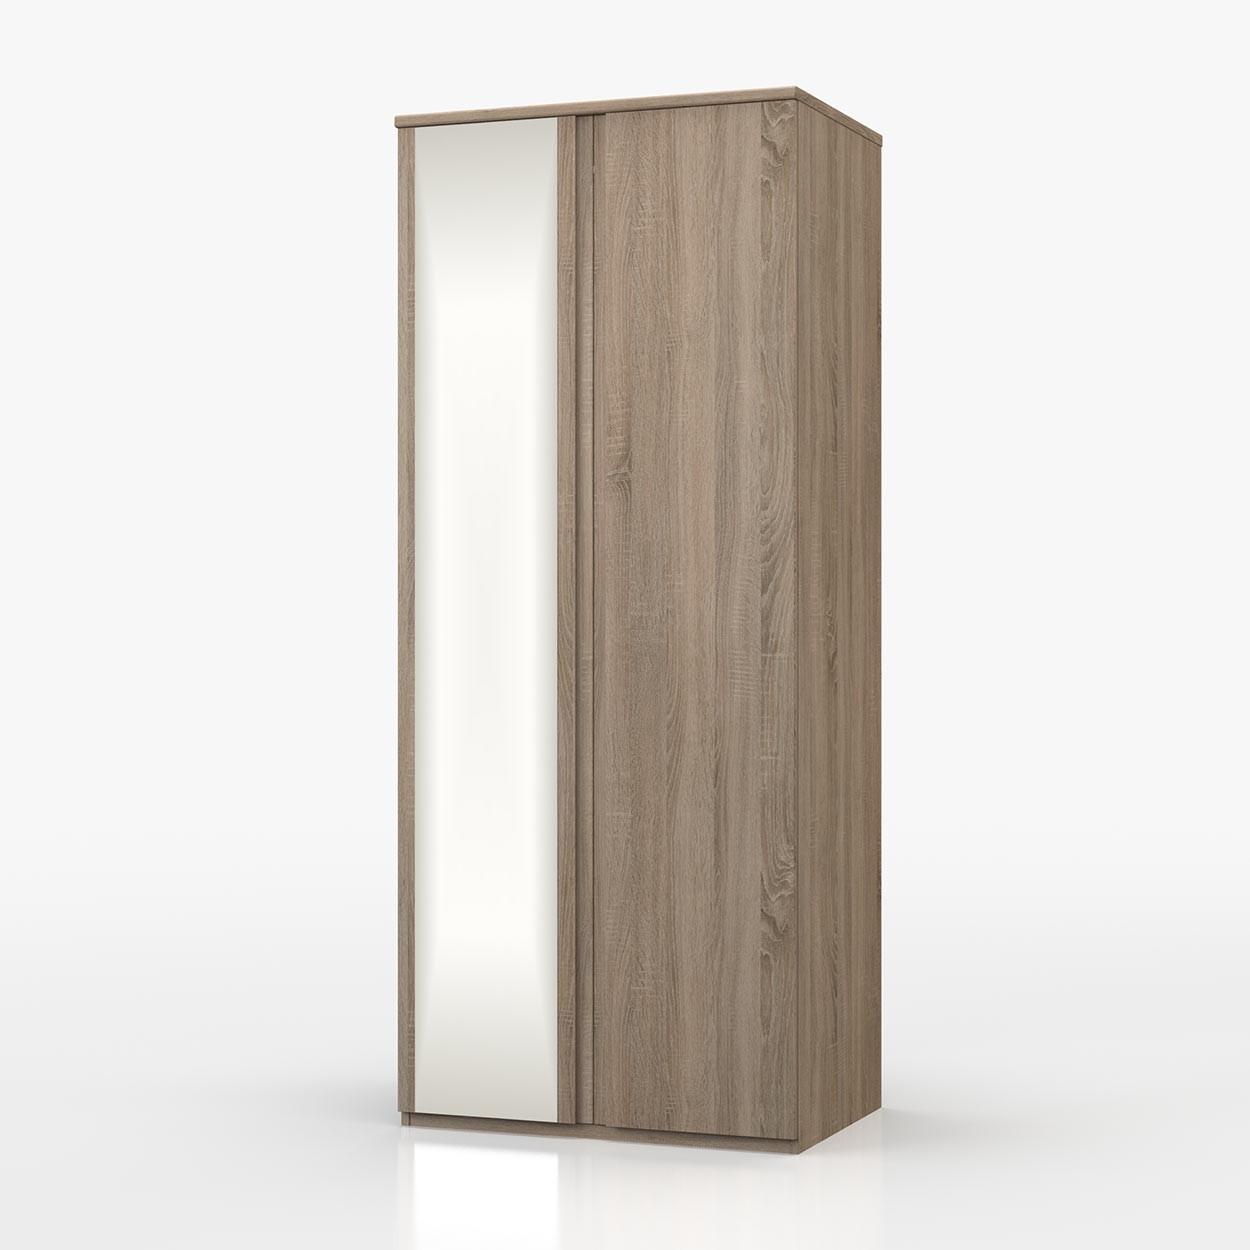 Avenue Truffle Oak 2 Door Wardrobe With Mirror